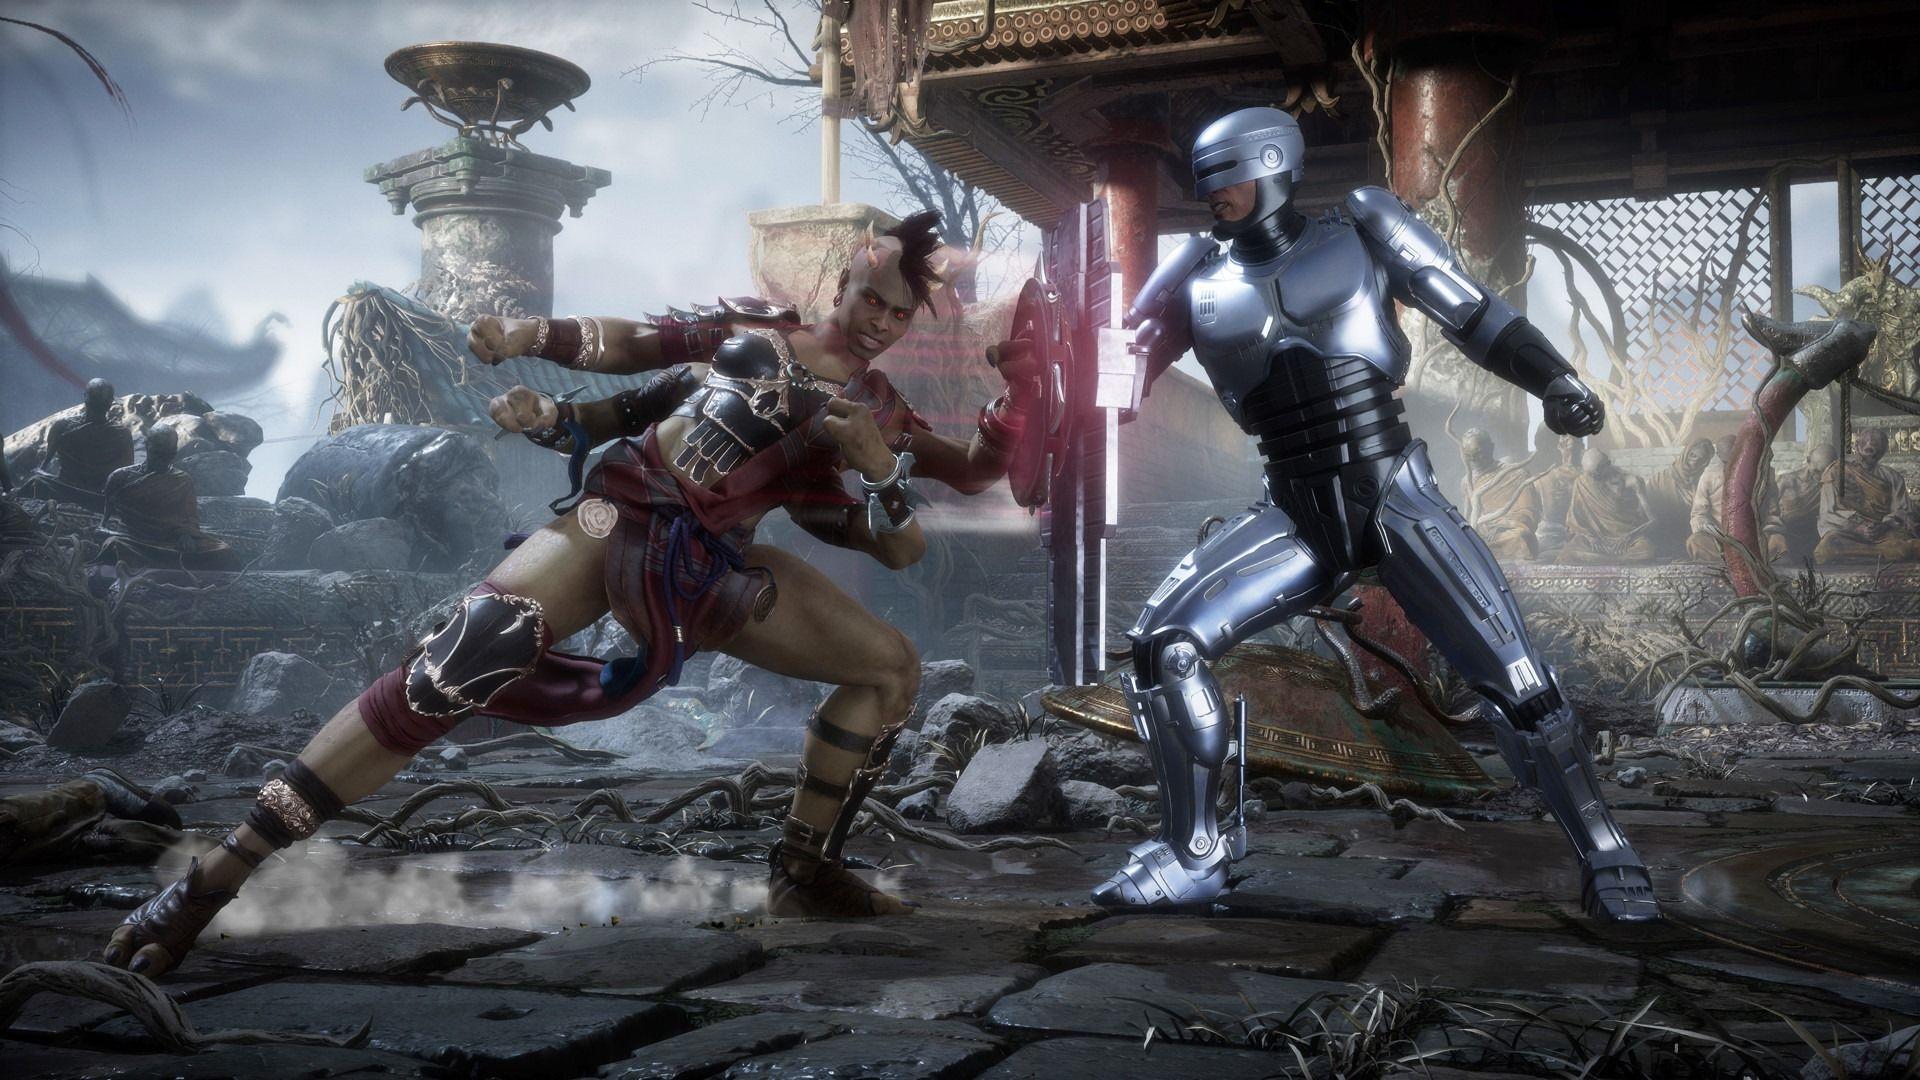 Mortal Kombat 11: Aftermath genişleme paketi çıktı